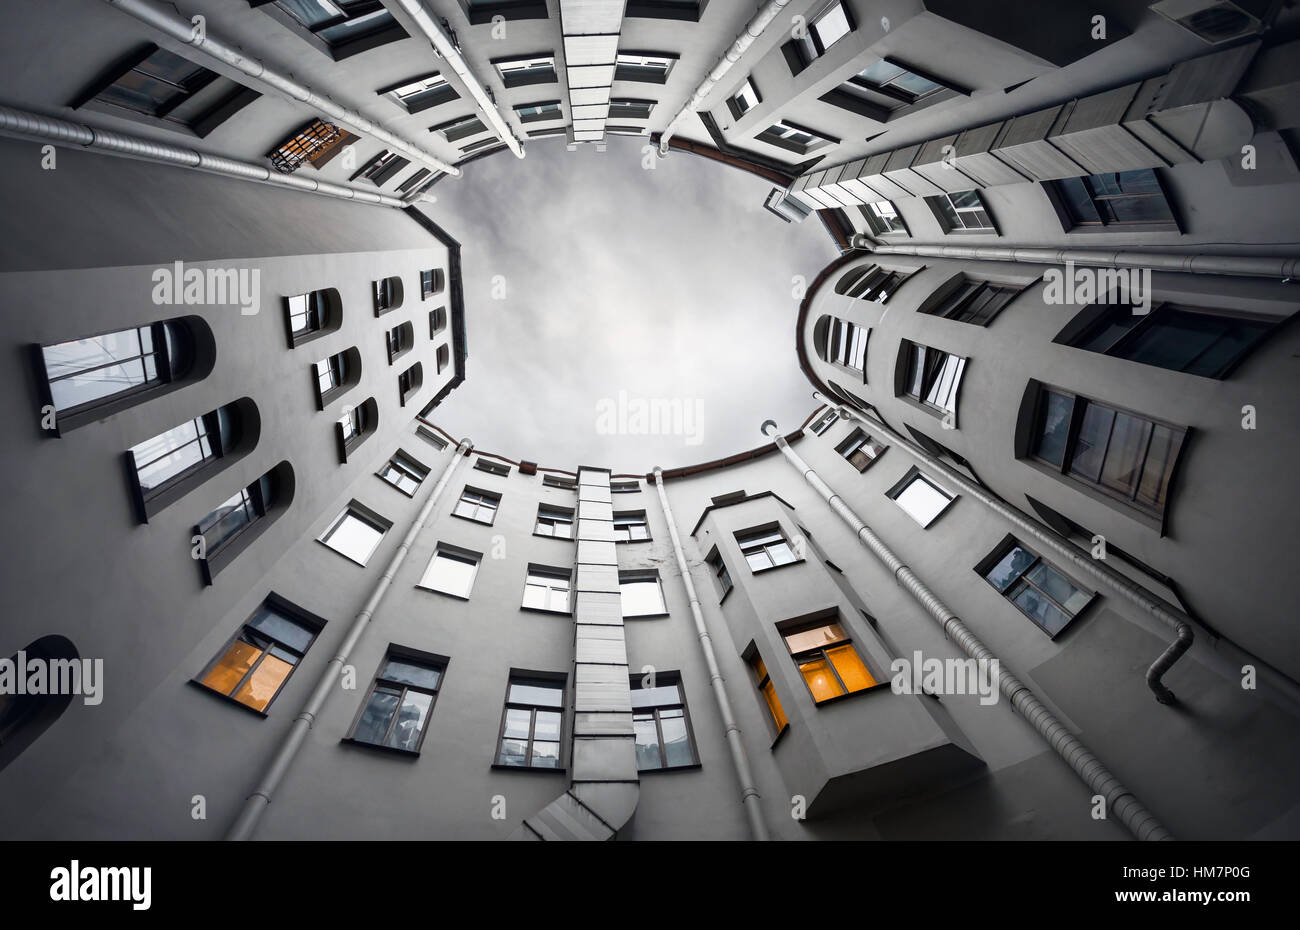 Cantiere-ben di bottom-up con cielo grigio al crepuscolo, architettura classica della vecchia San Pietroburgo, Russia Immagini Stock